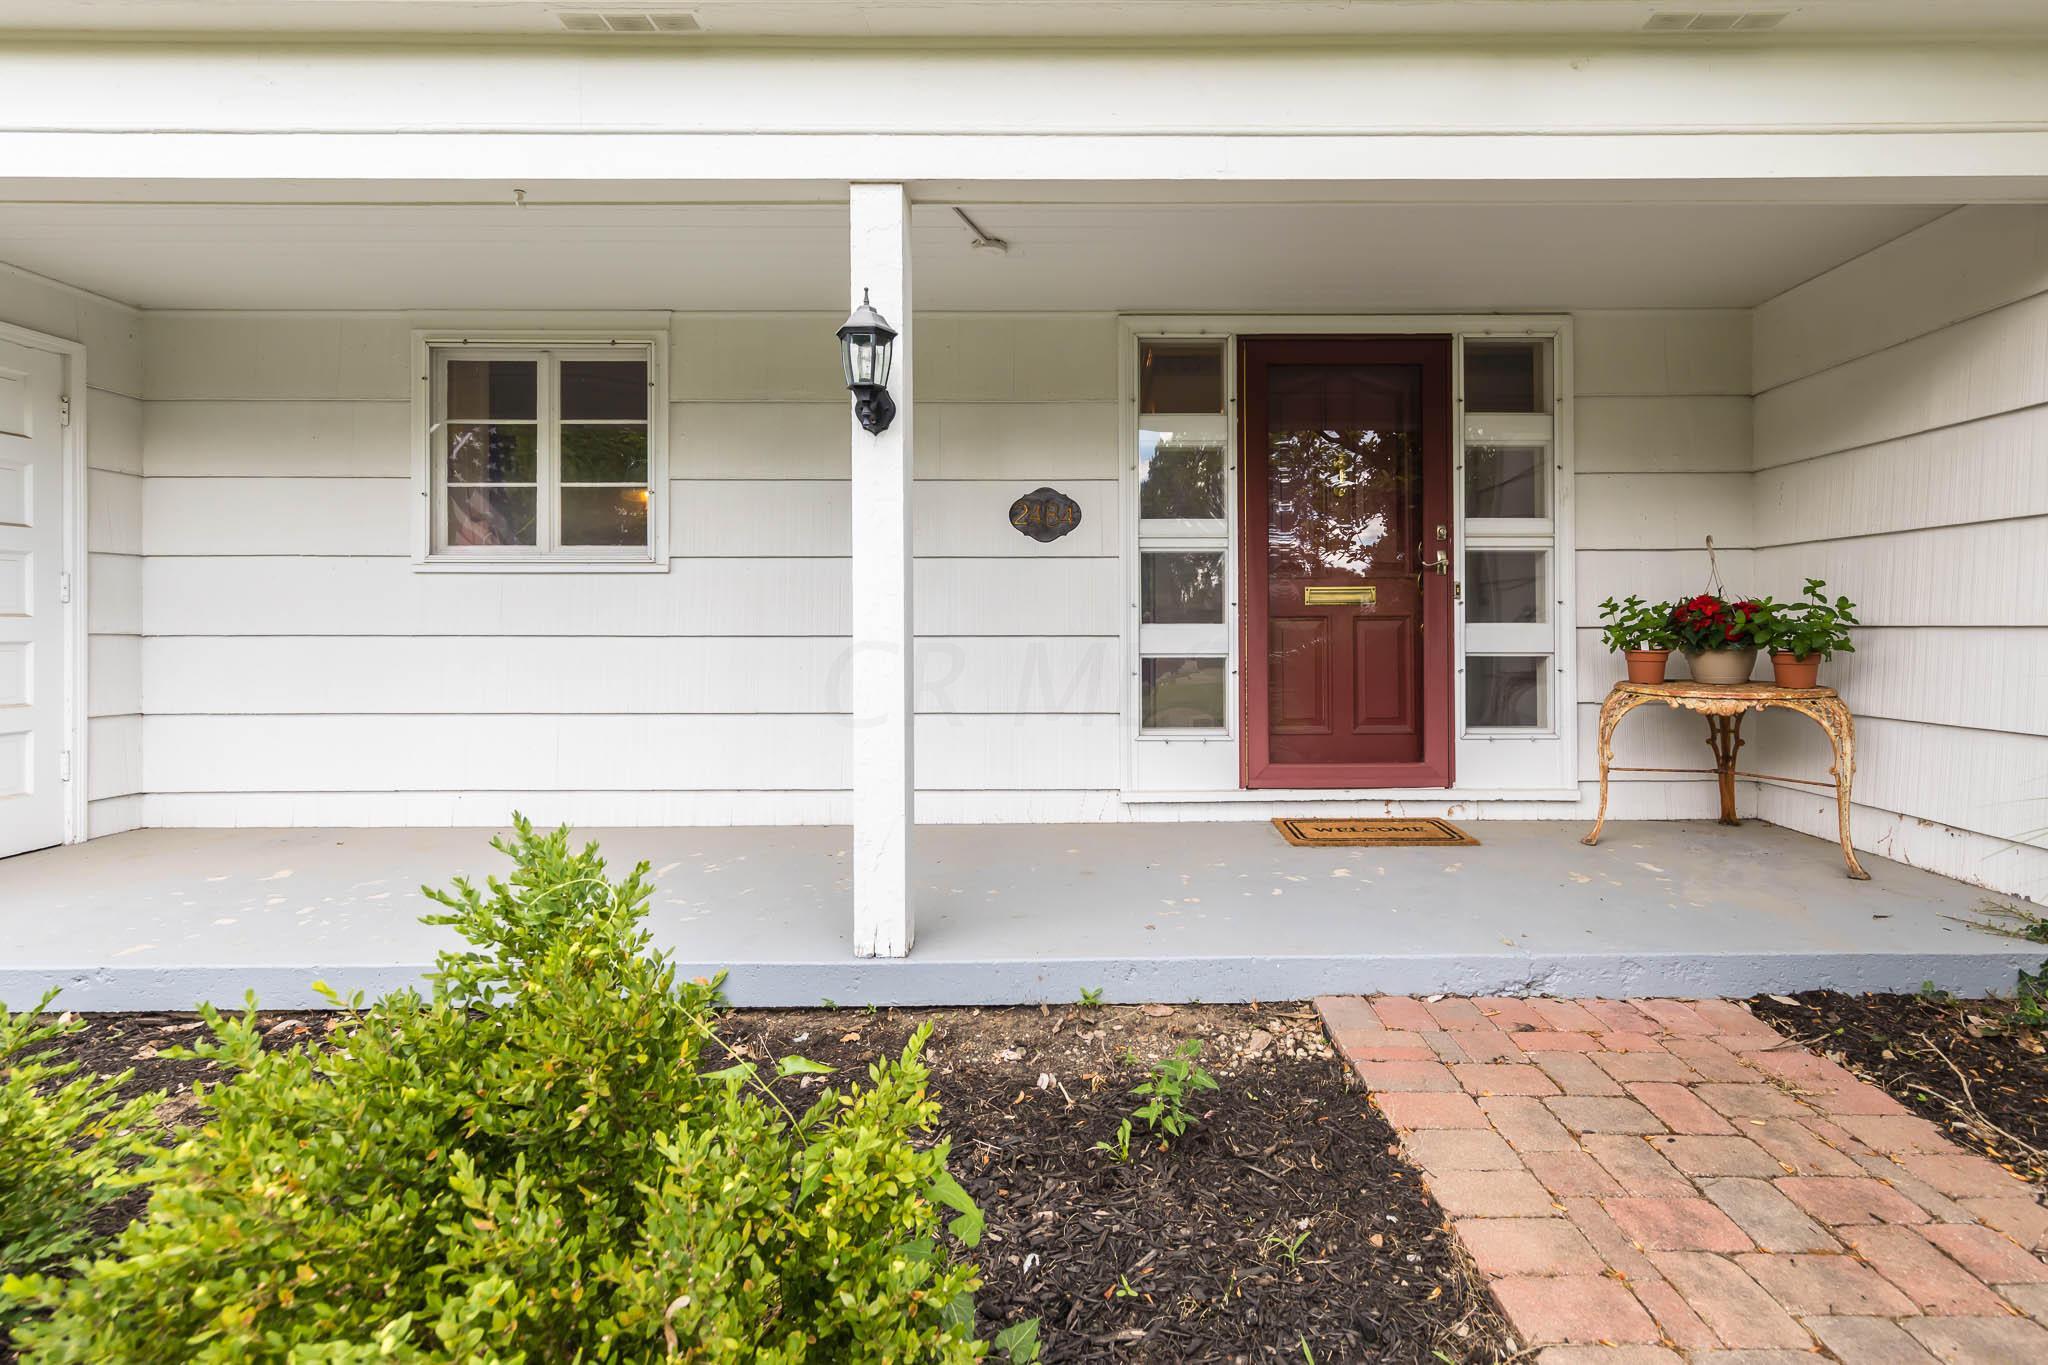 2484 Dorset Road, Upper Arlington, Ohio 43221, 3 Bedrooms Bedrooms, ,2 BathroomsBathrooms,Residential,For Sale,Dorset,220020874